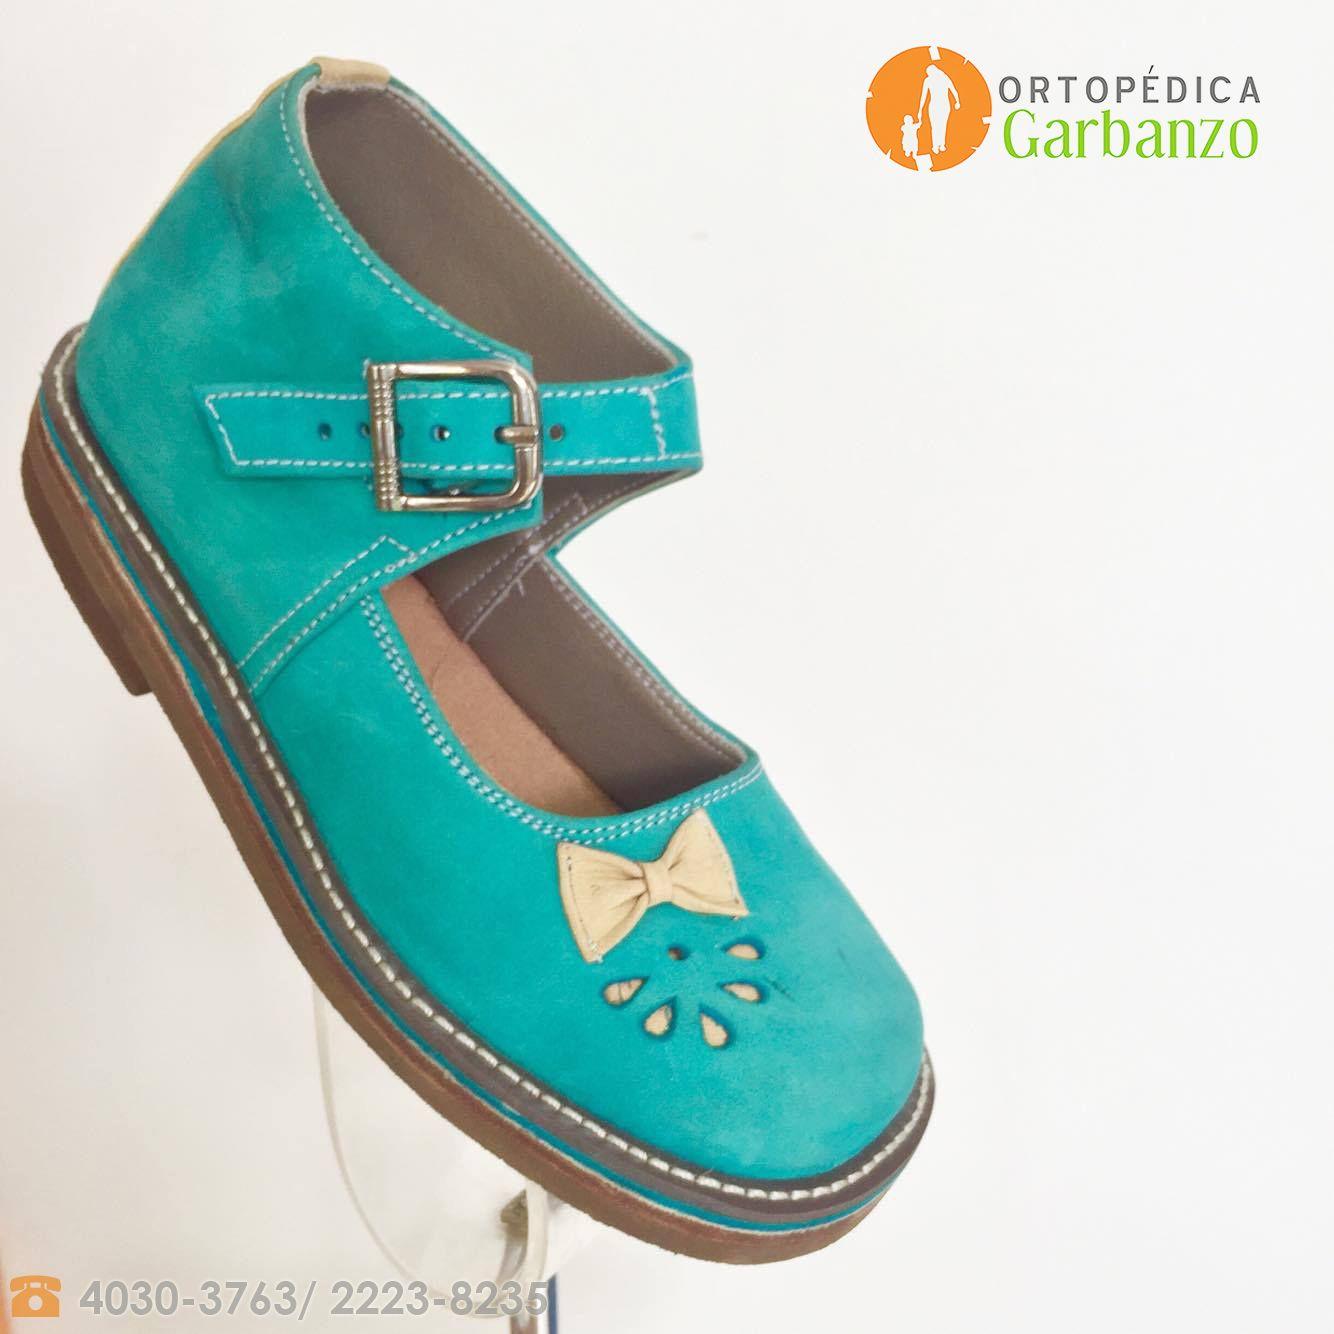 4030 Con Tels 8235 Info Personalizados Celeste Ortopédicos Beige 2223 3763 Zapatos Combinación SU5qA0xw